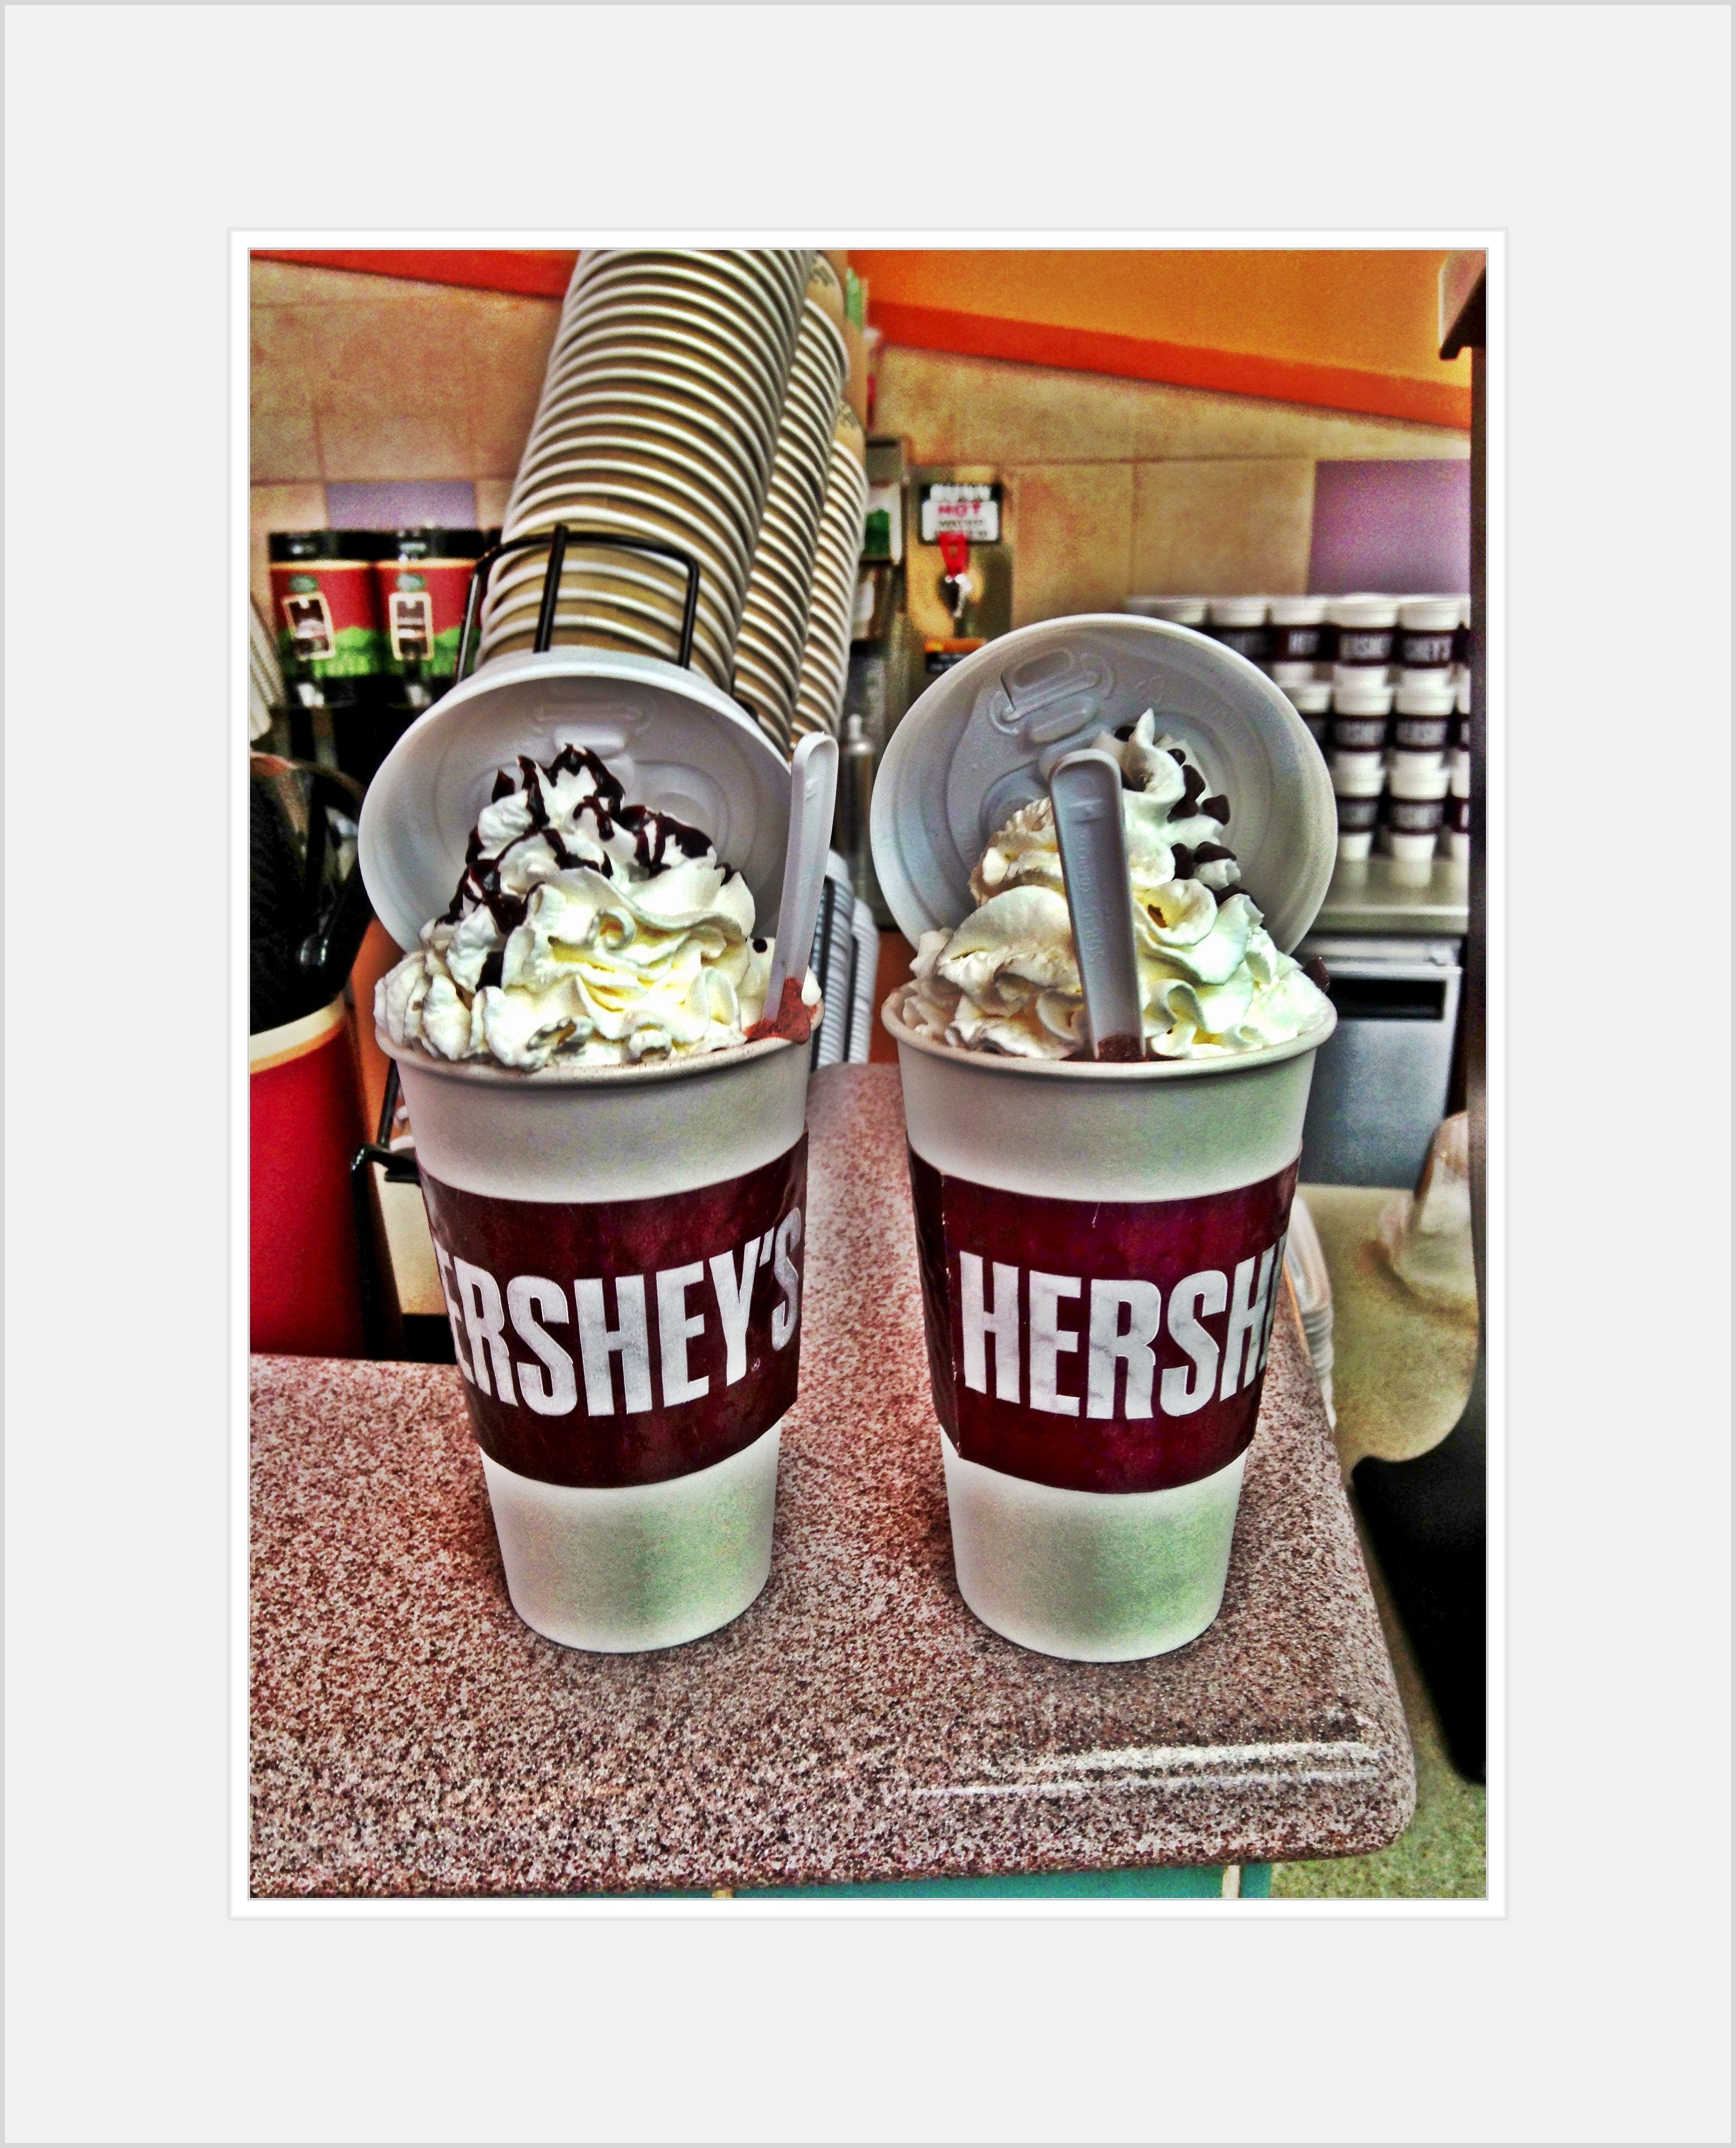 Oh yes! Original Hershey's hot chocolate made at Hershey's ...